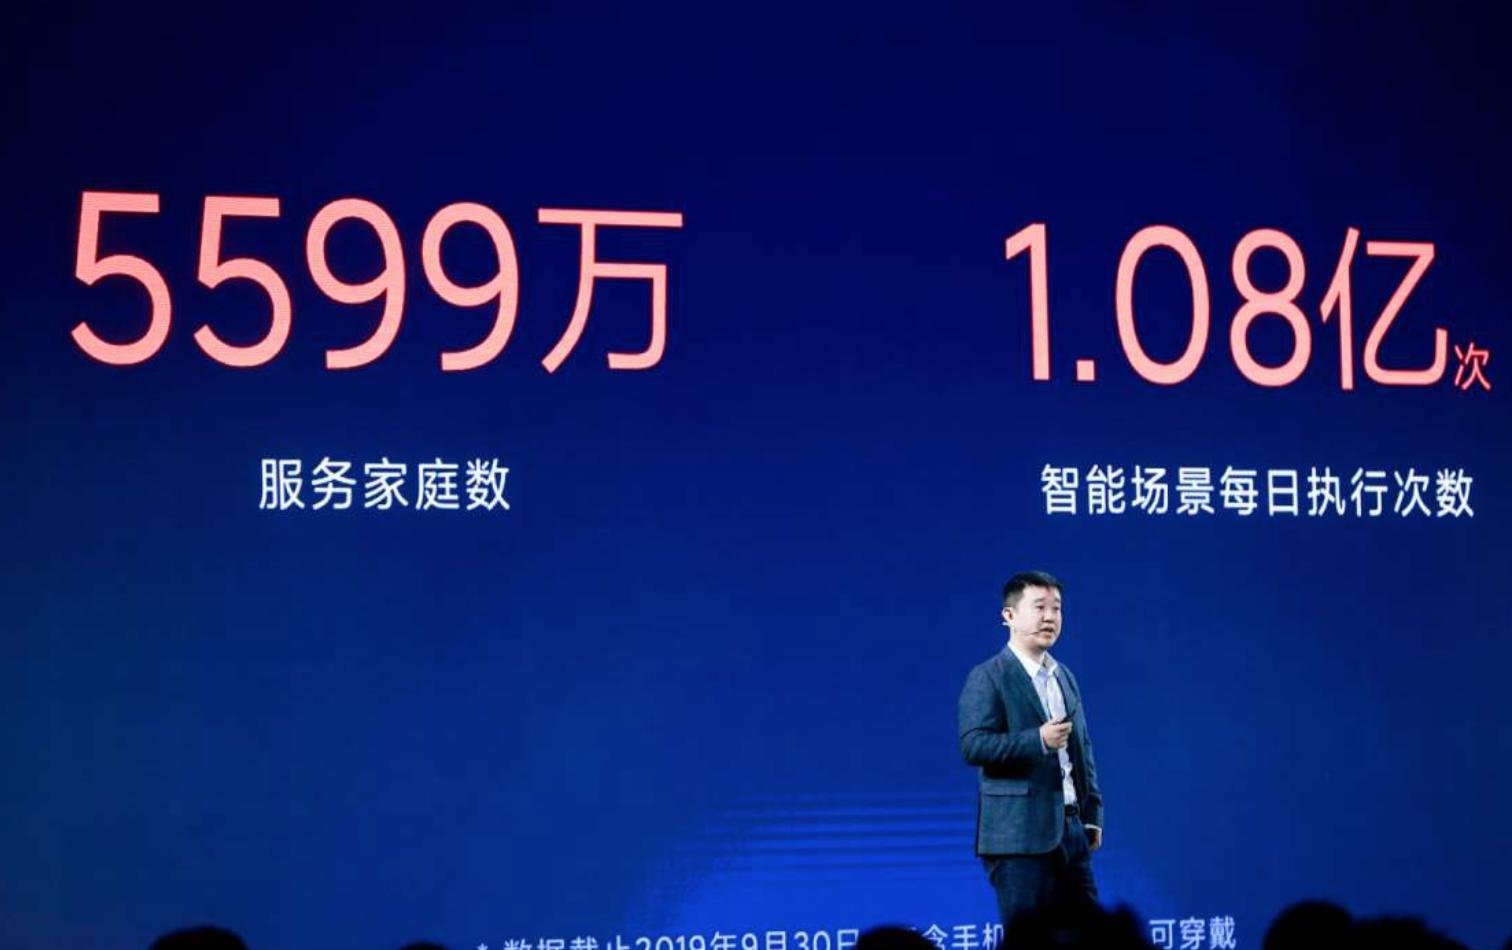 小米范典:小米平台智能家居产品服务家庭达5599万户